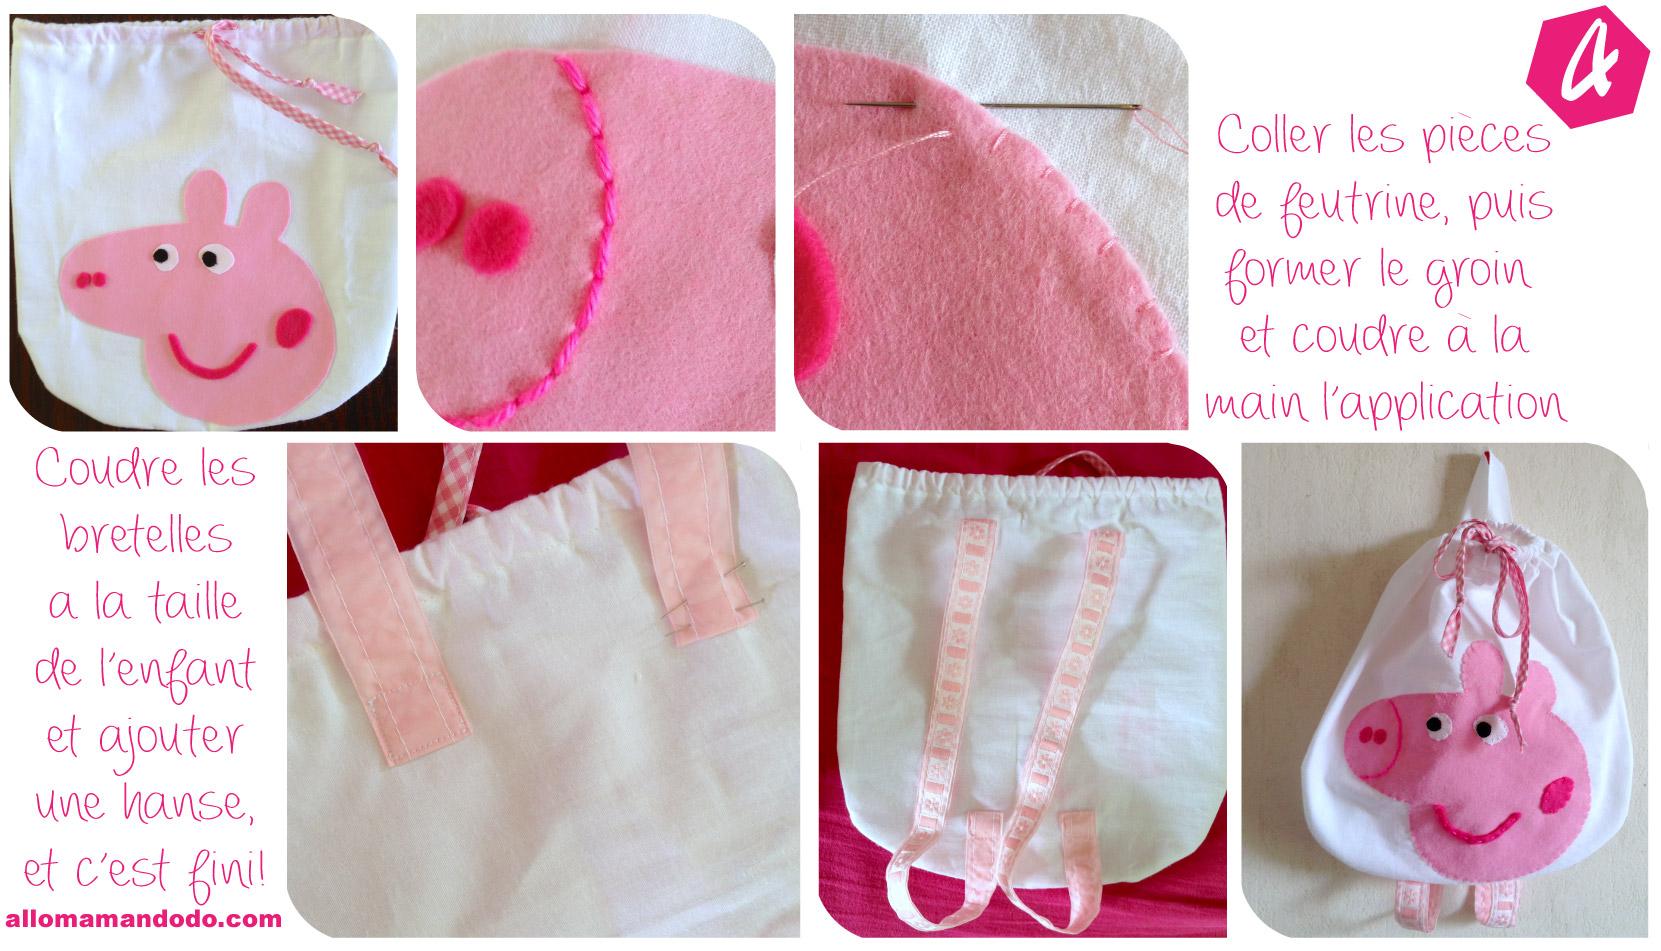 Son premier sac de maternelle diy couture facile allo maman dodo - Diy couture facile ...